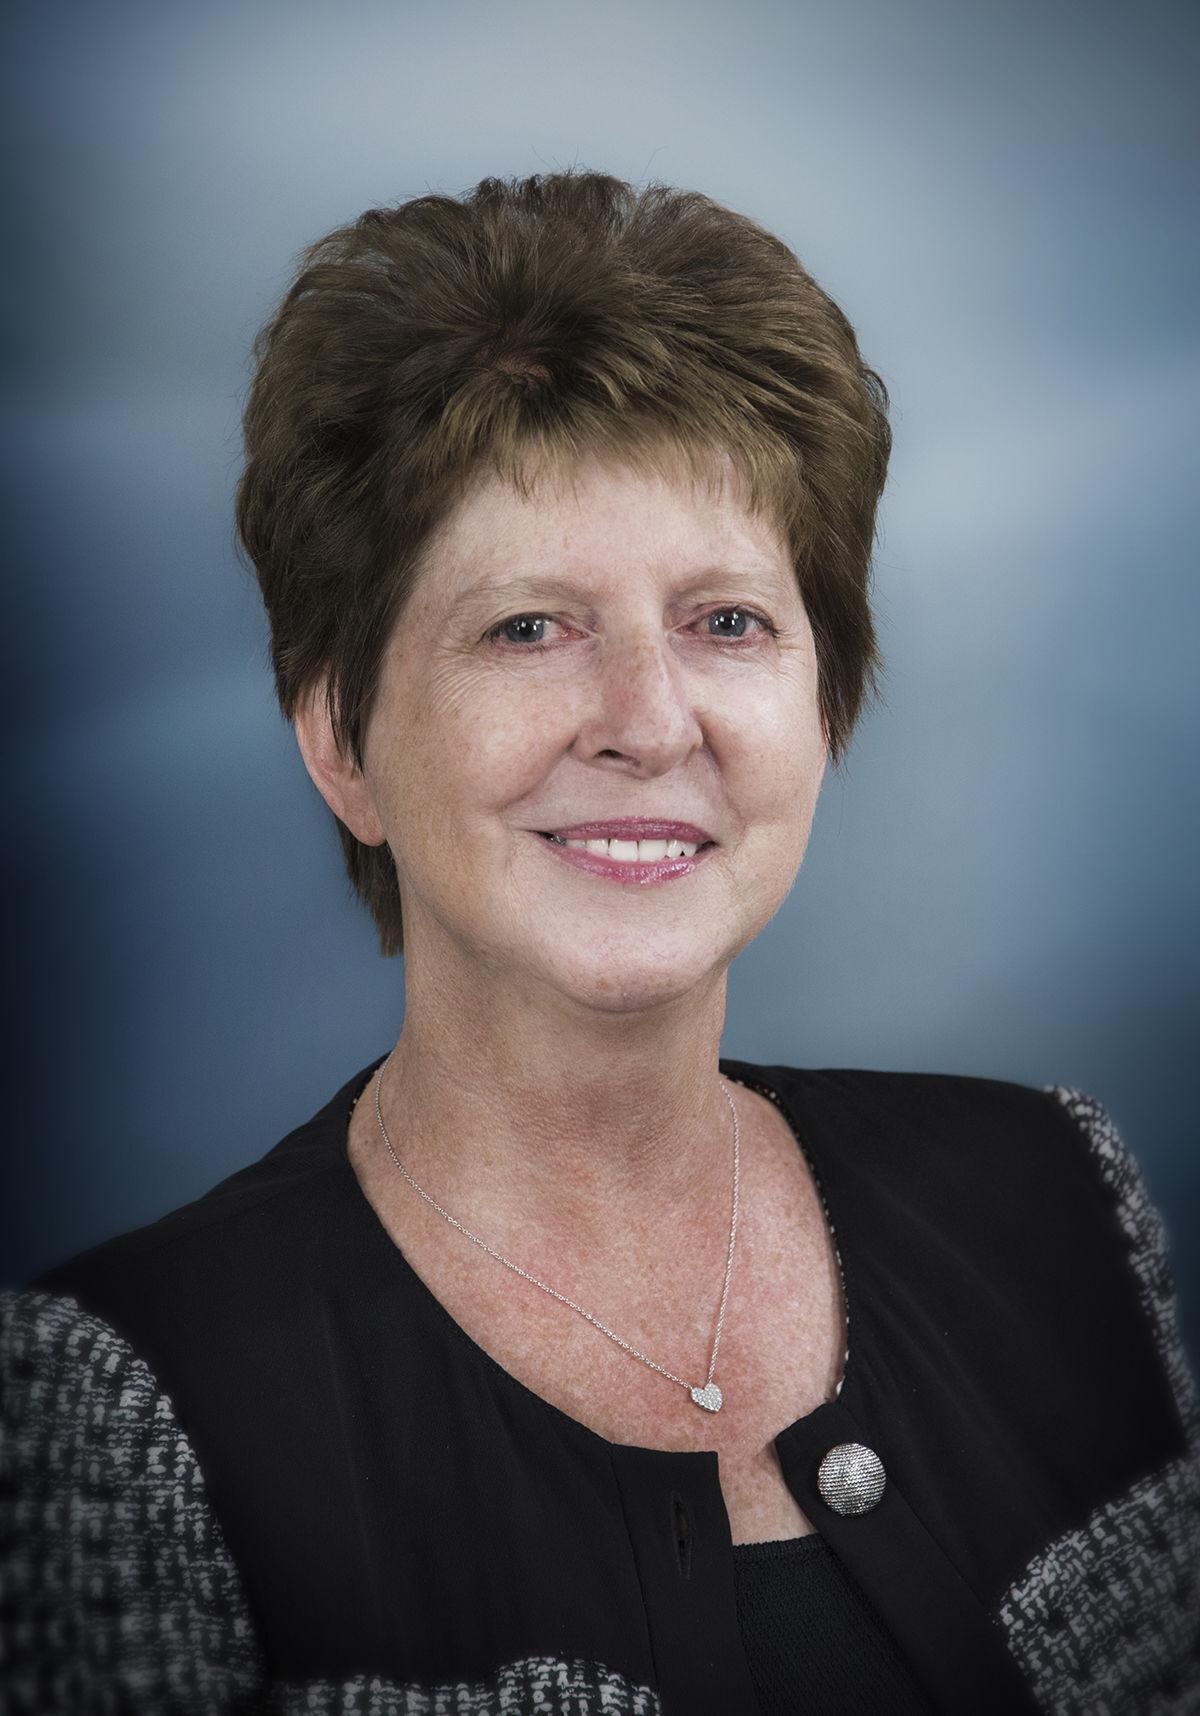 Angie Muhleisen